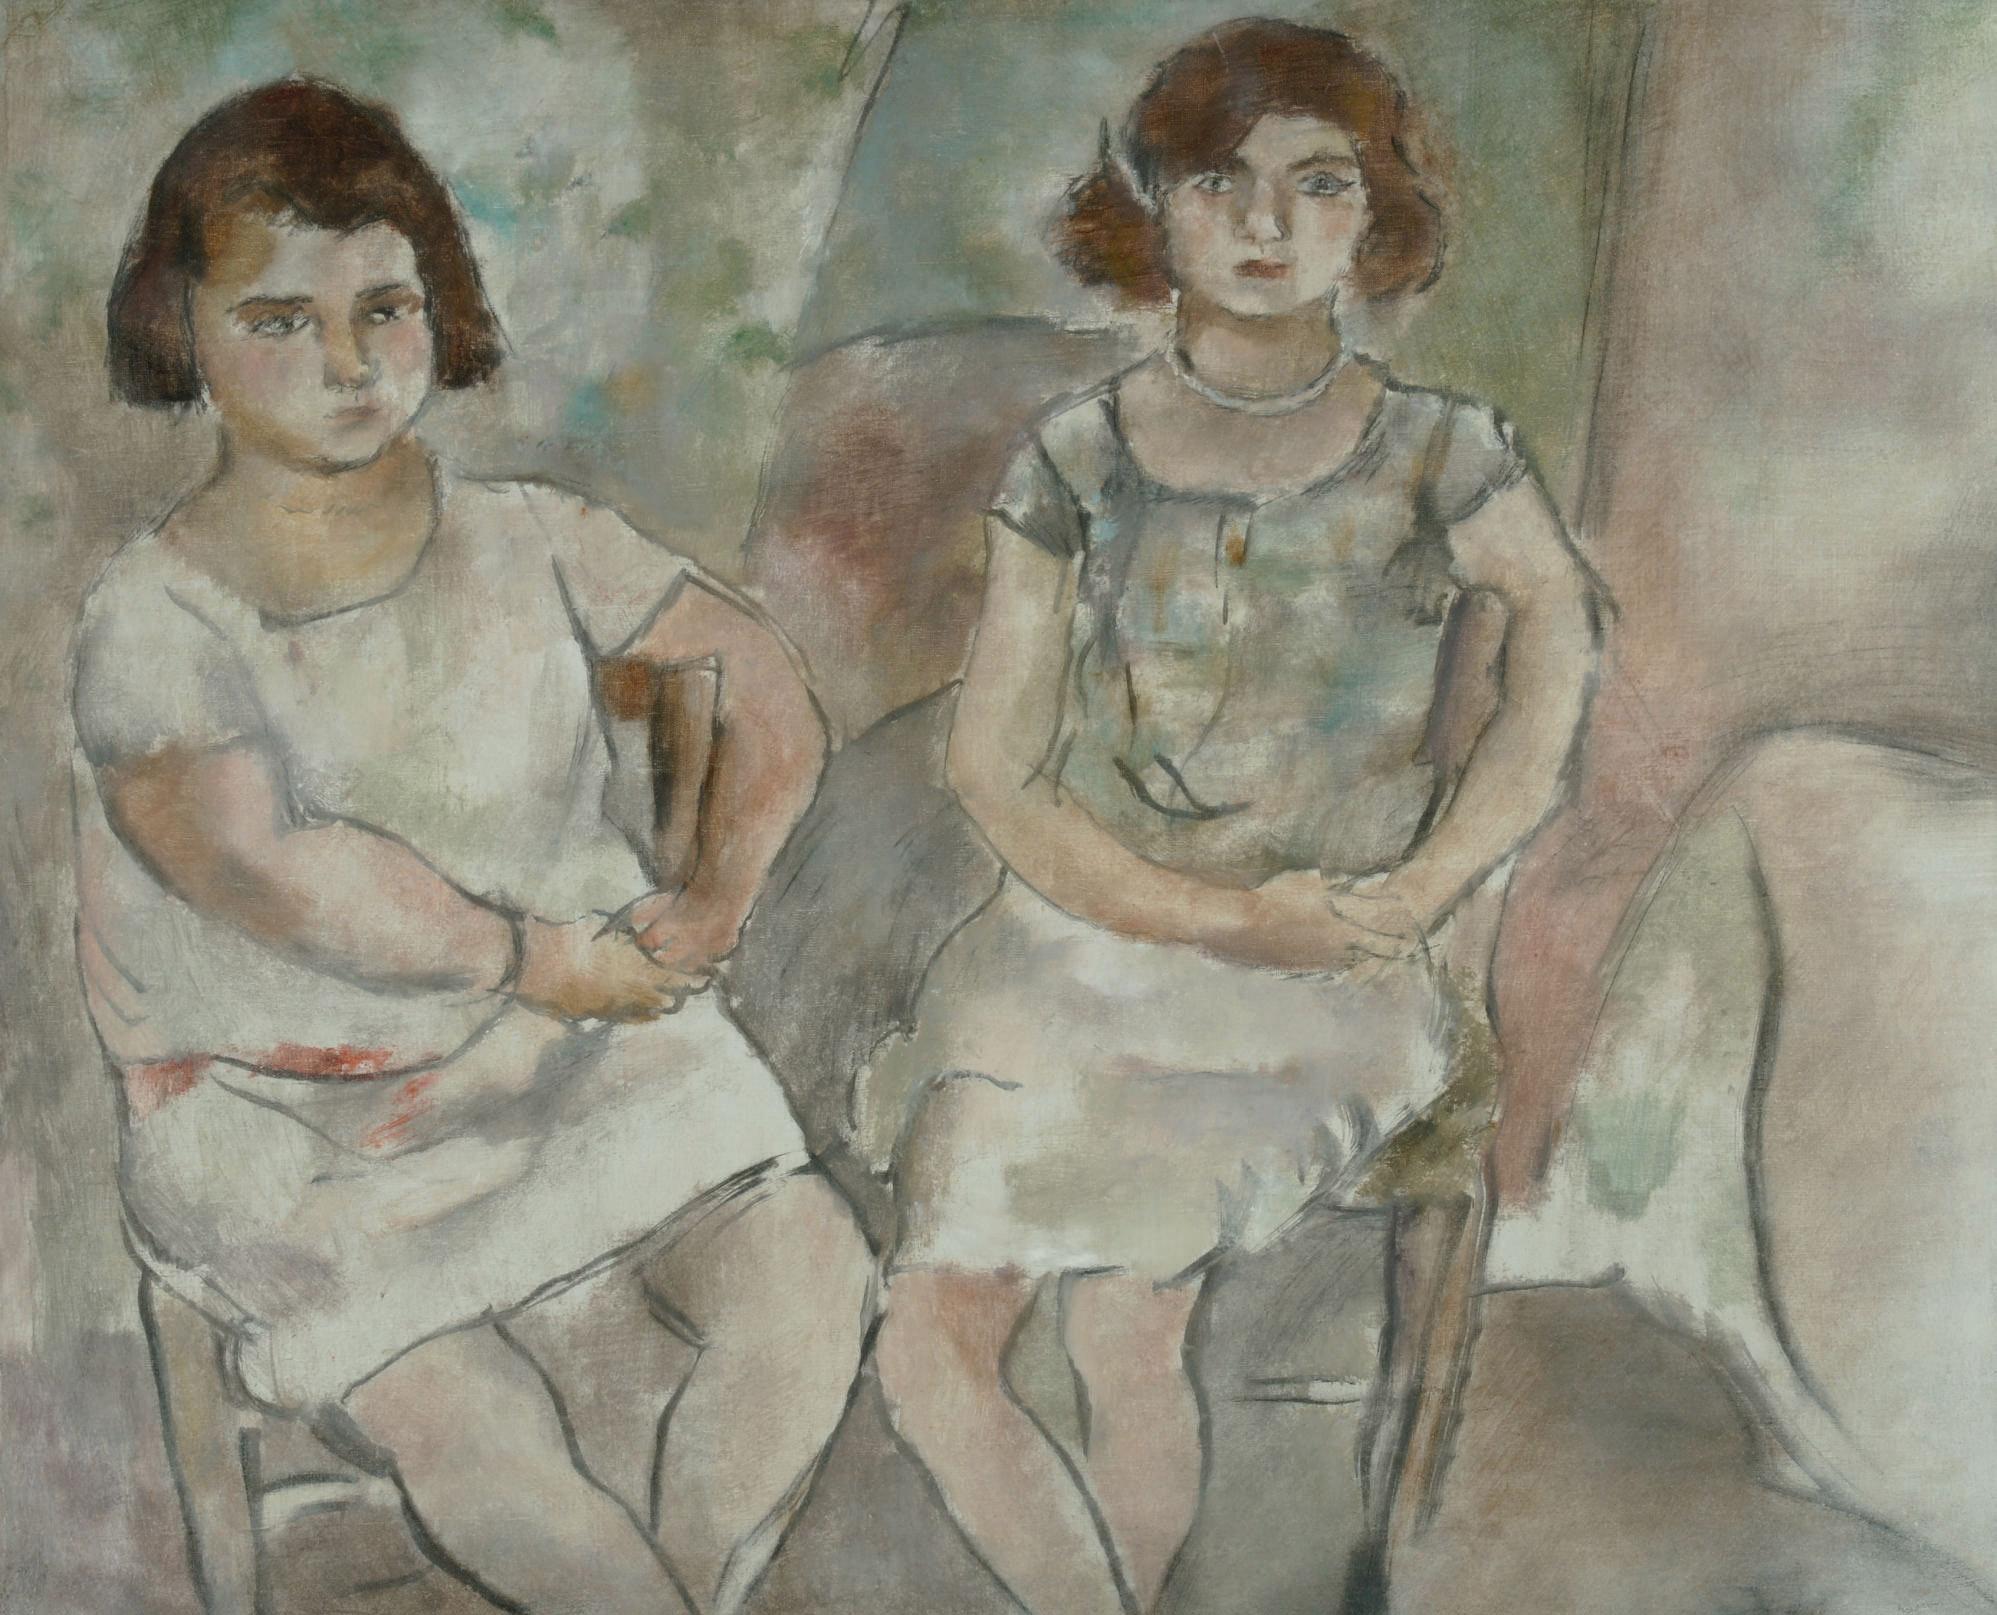 Rosette et Nana